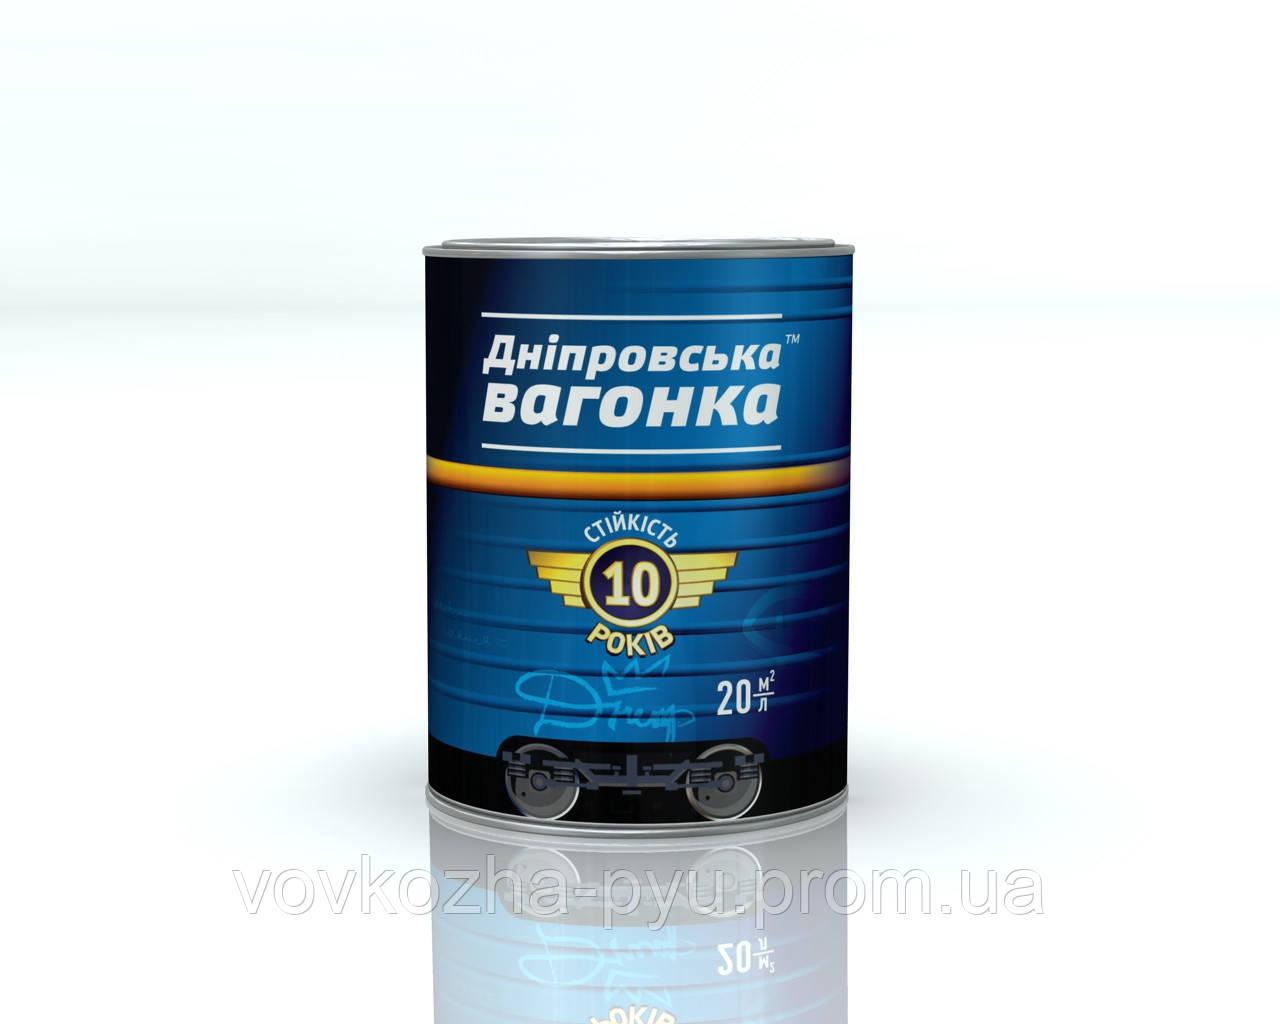 Эмаль Днепровская Вагонка ПФ-133 темно зеленый лак 0.85 кг